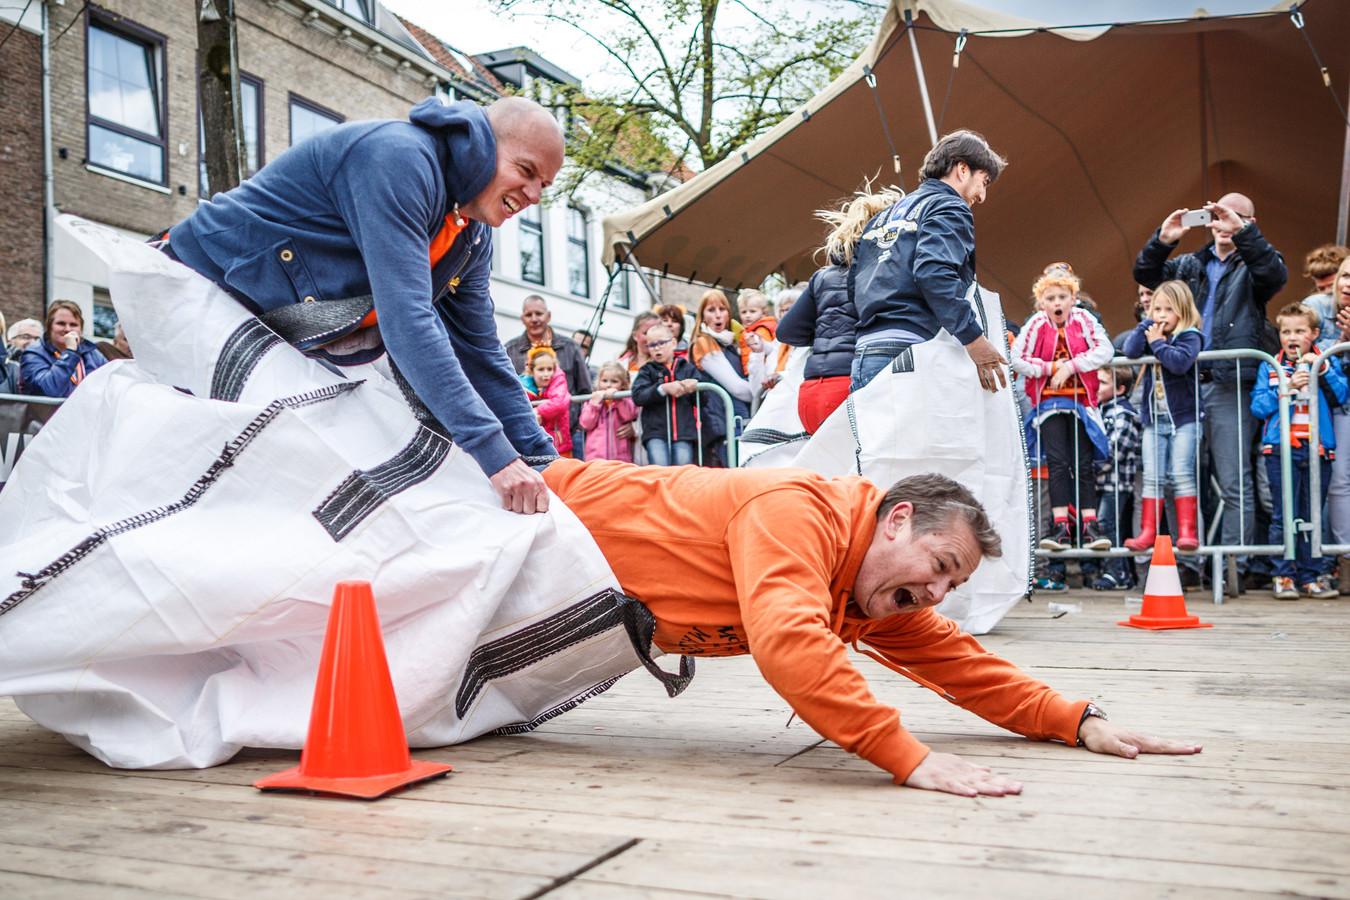 Remco Heus en Adrian van den Bemt doen in Zevenbergen een niet al te geslaagde poging zaklopen. Foto van Koningsdag 2015.